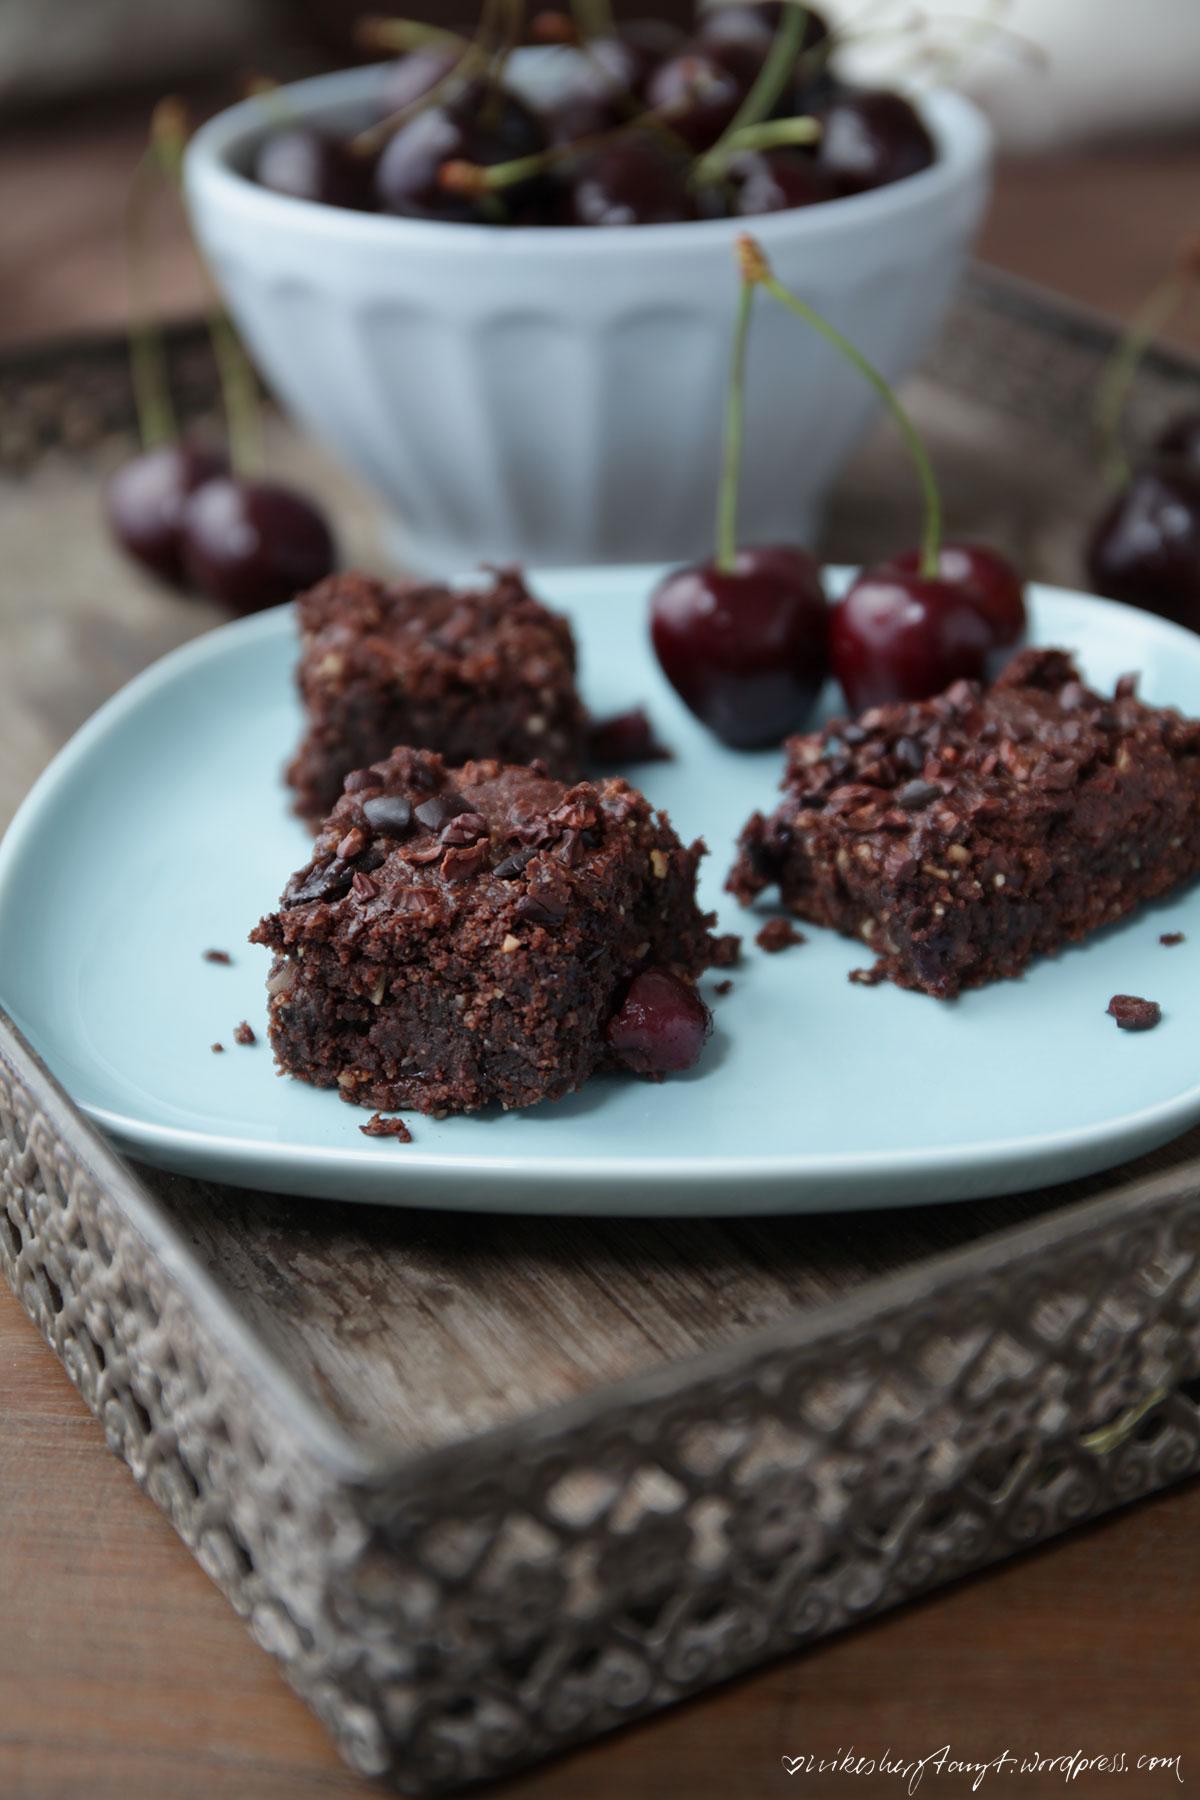 mit mir ist gut kirschen essen ..., kirsch schokoladen brownies, cherry chocolate brownies, vegan, #ichbacksmir, sonntagssüß, kirschen, schokolade, nikesherztanzt